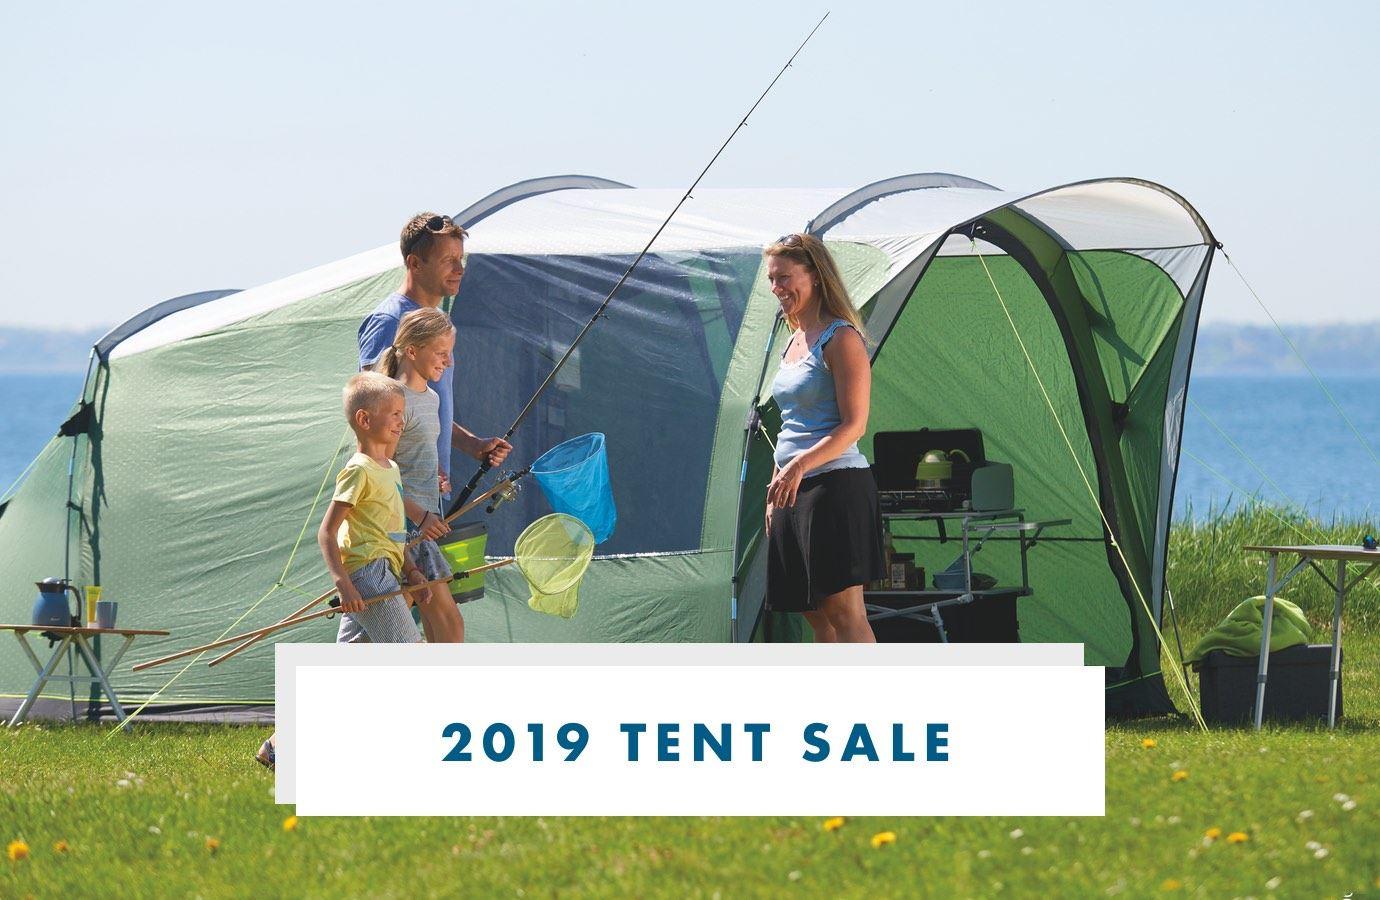 2019 Tent Sale